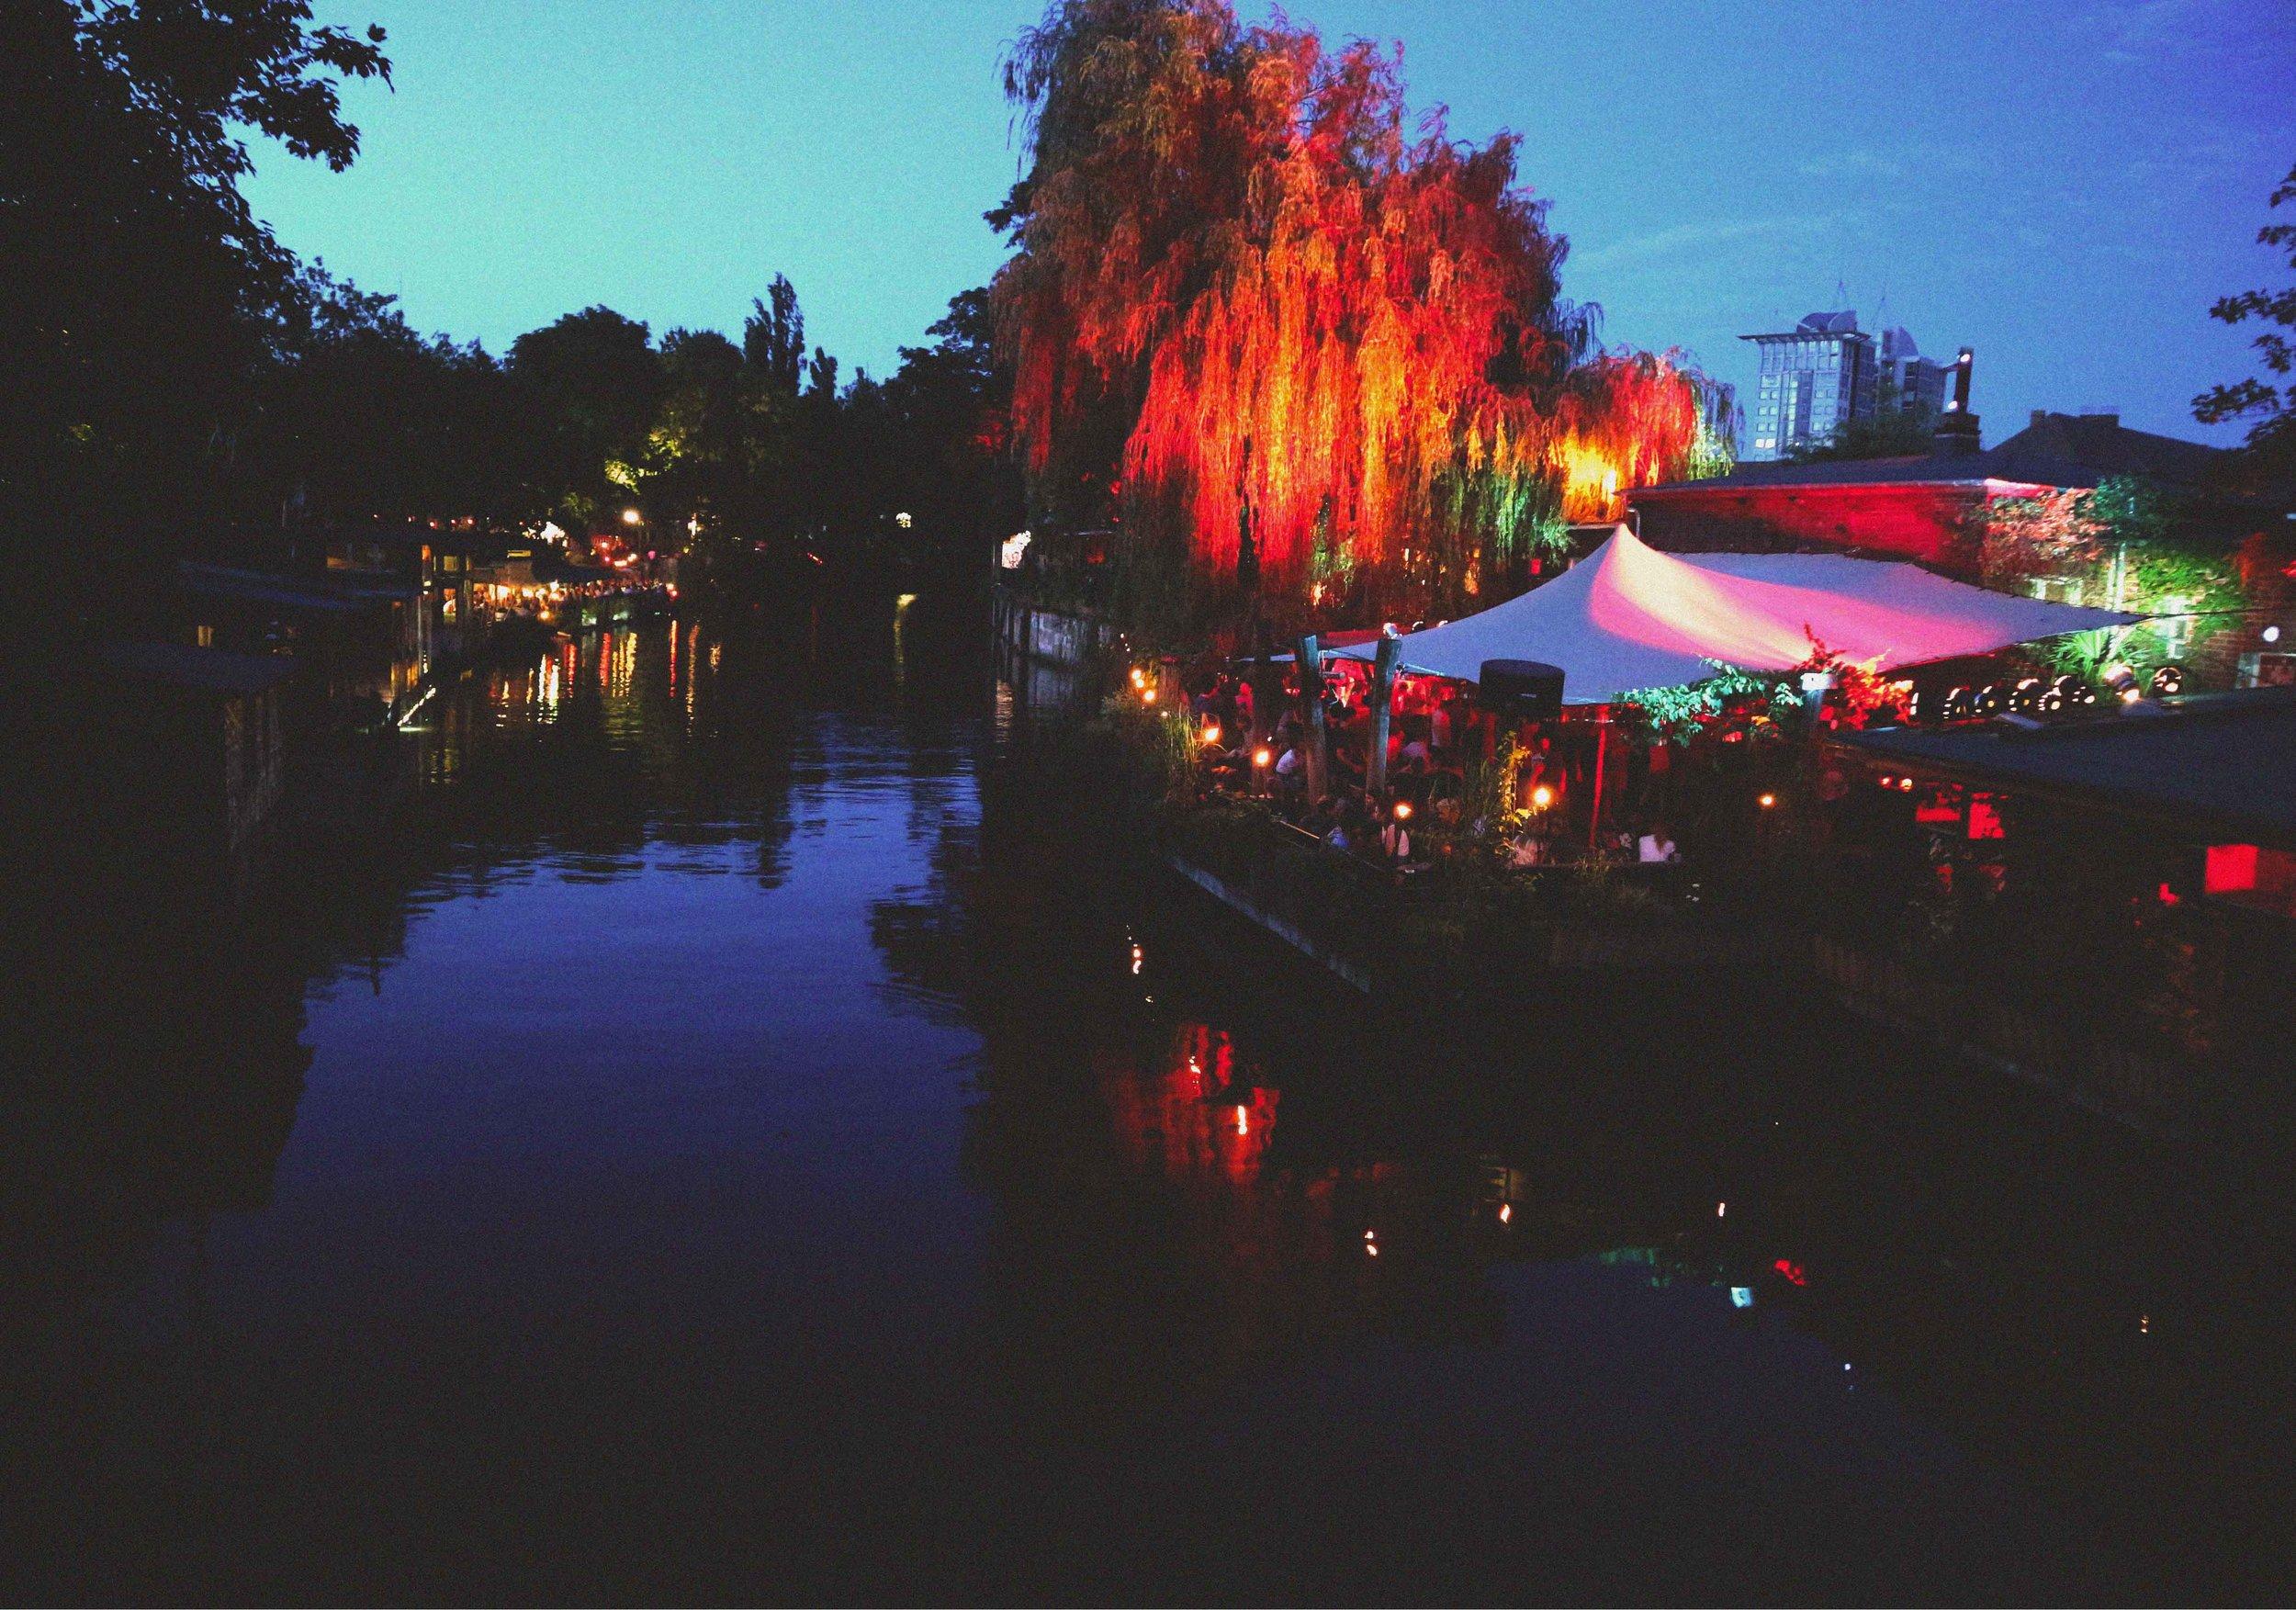 Nightlife in Kreuzberg